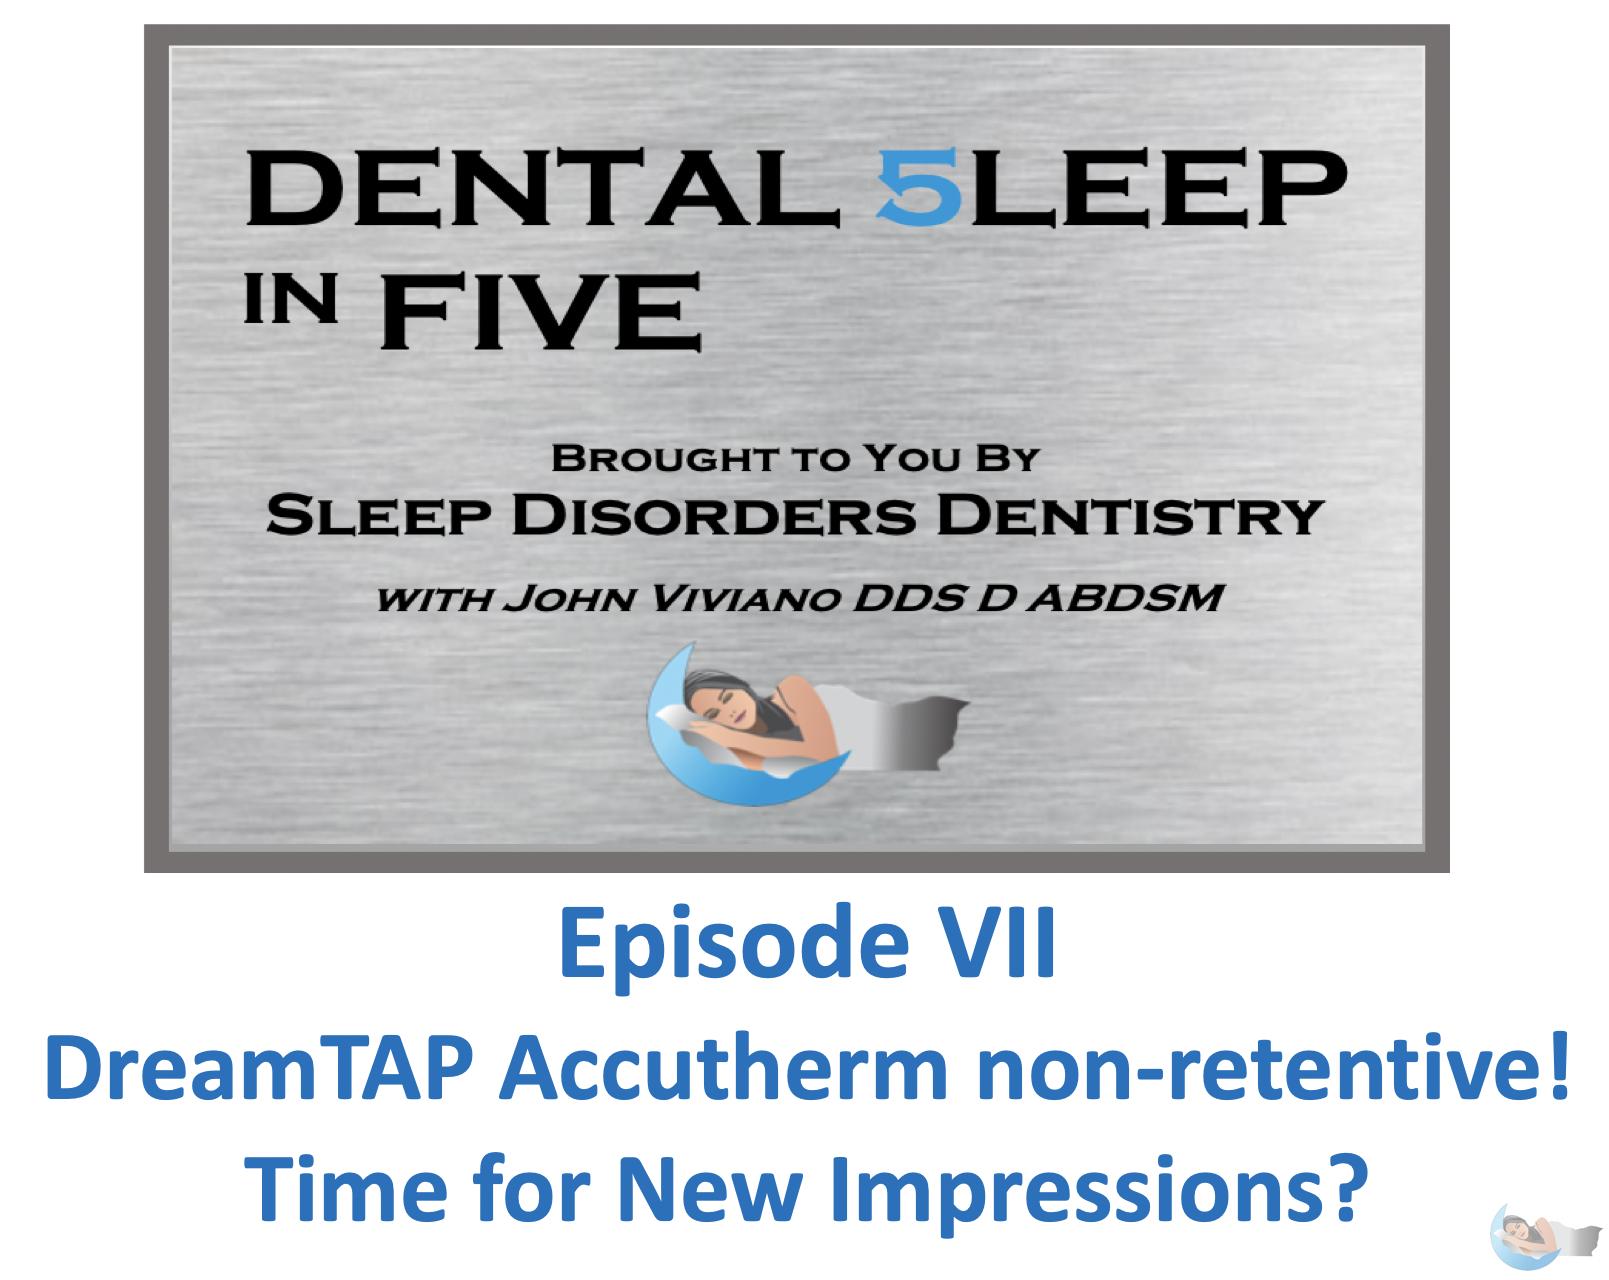 Dental 5leep in FIVE